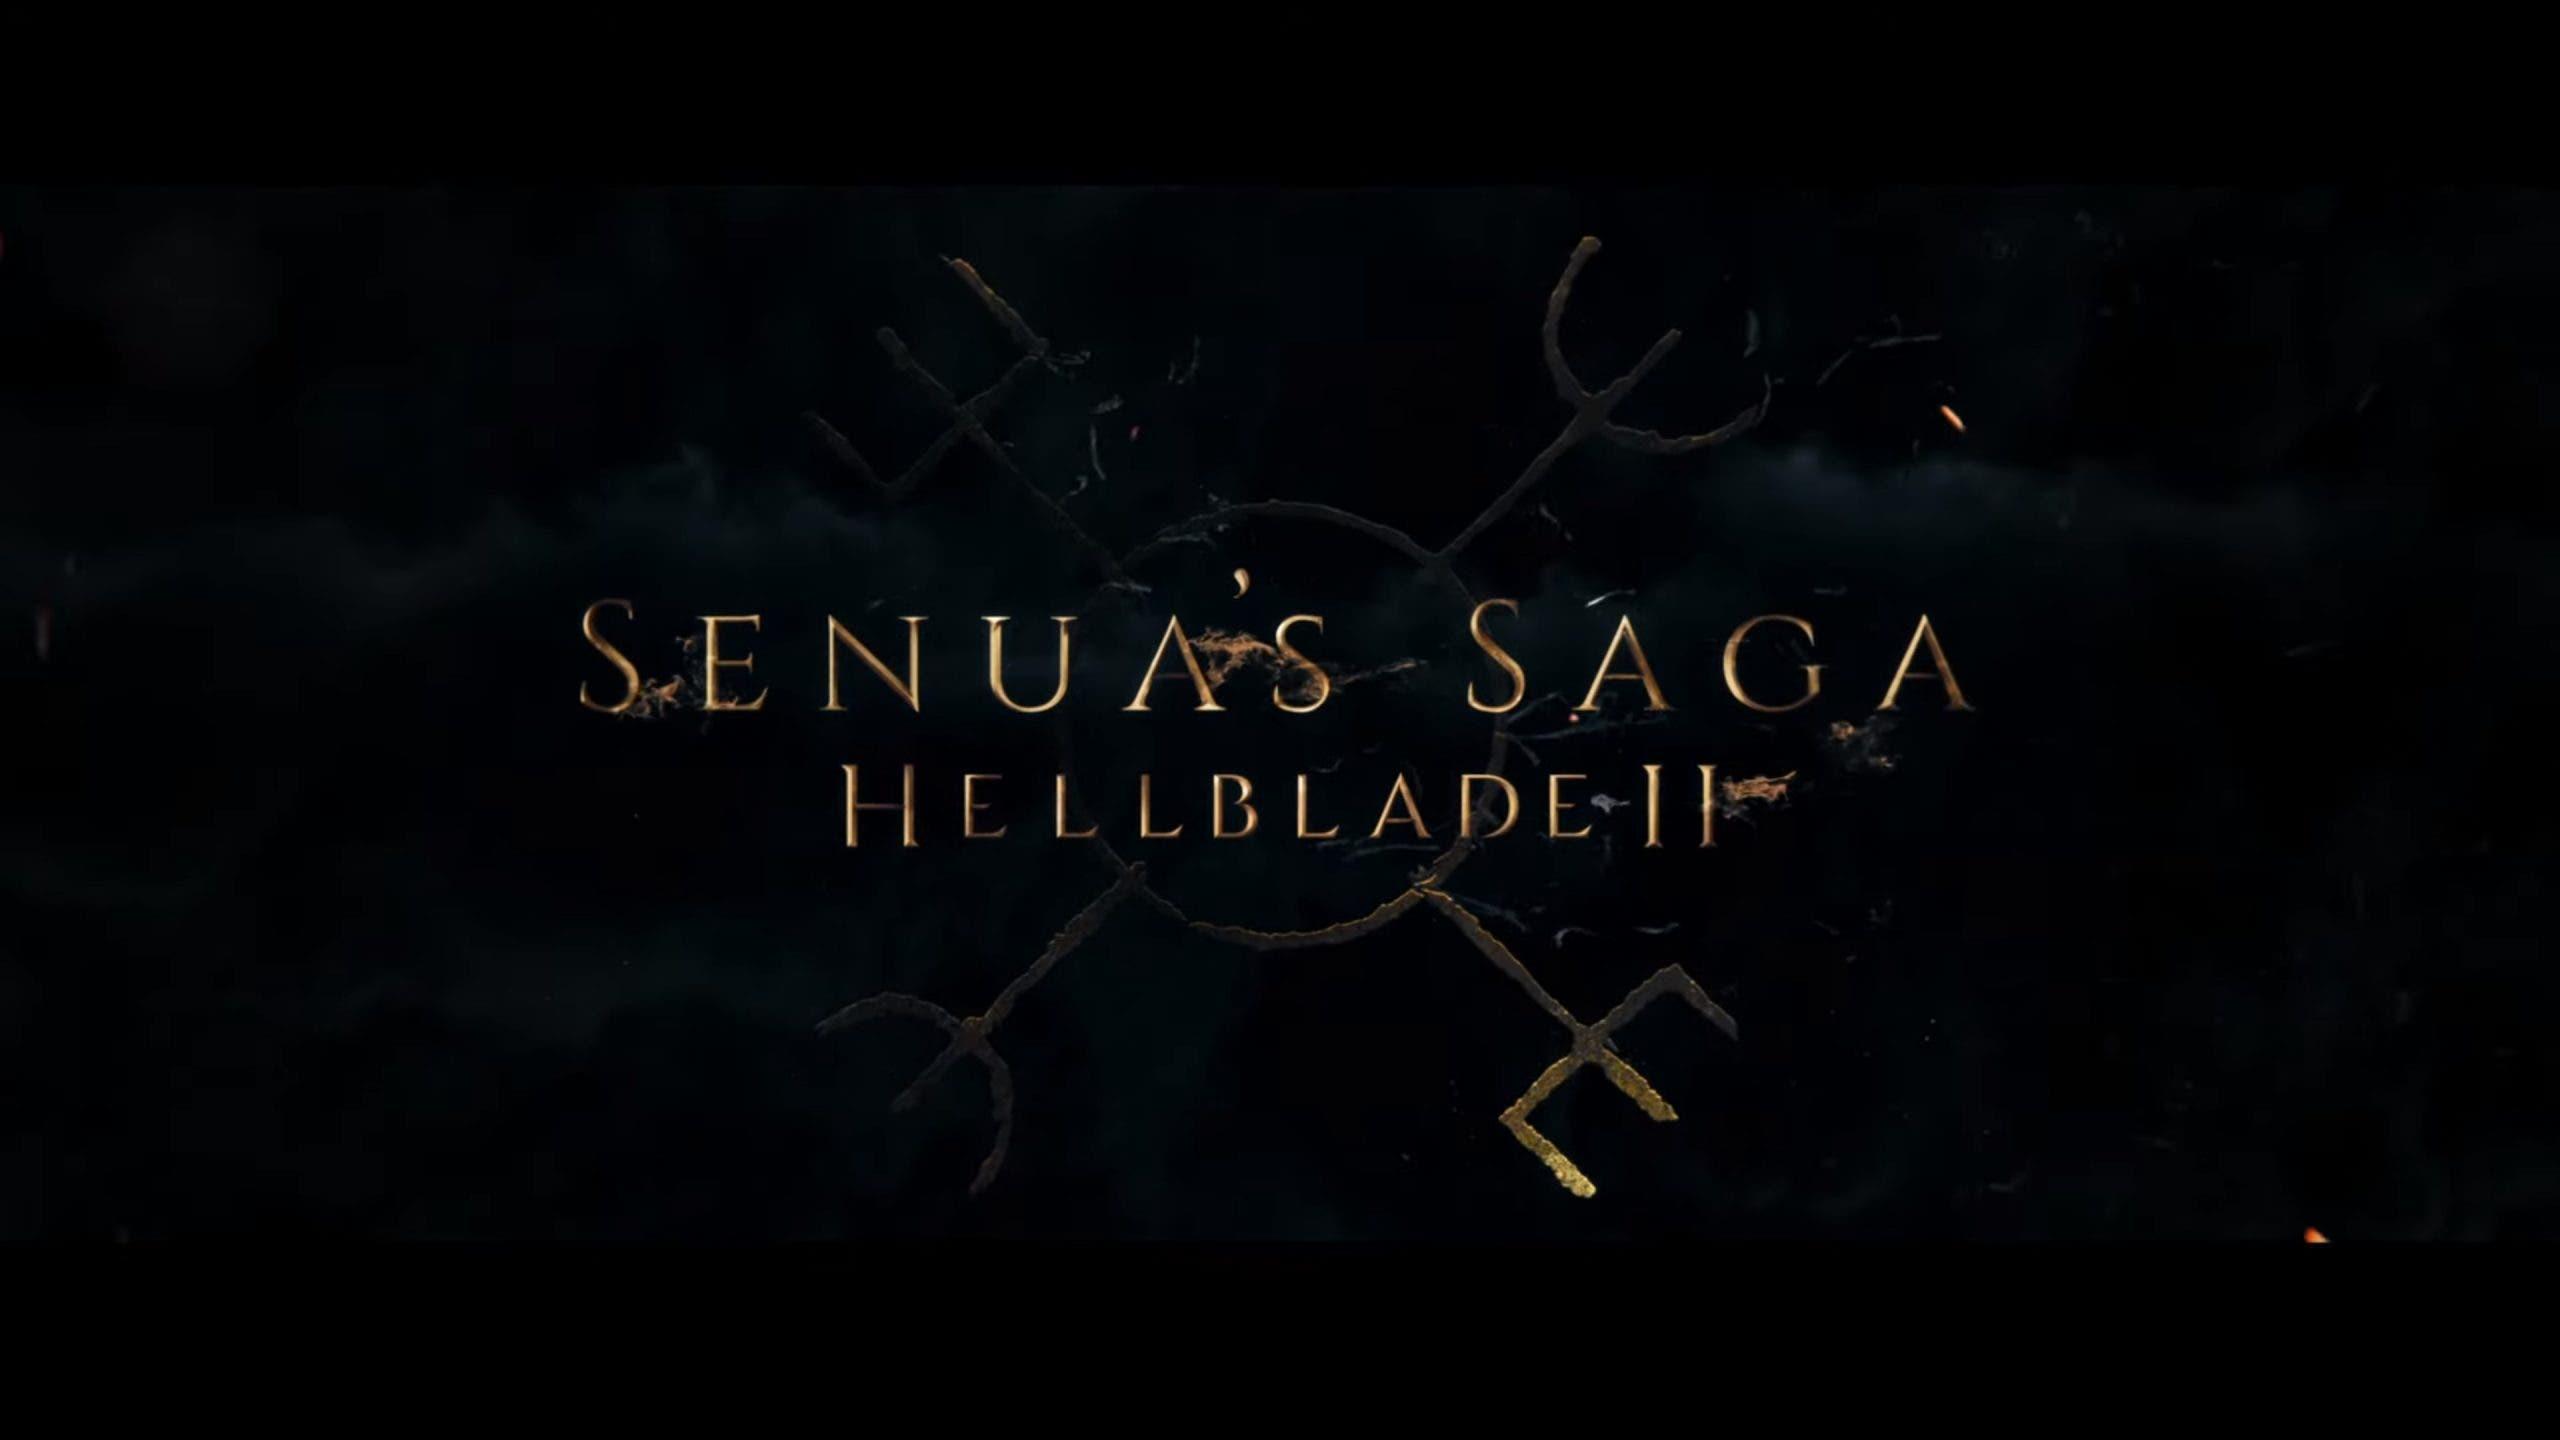 Hellblade II ofrece una actualización de su desarrollo